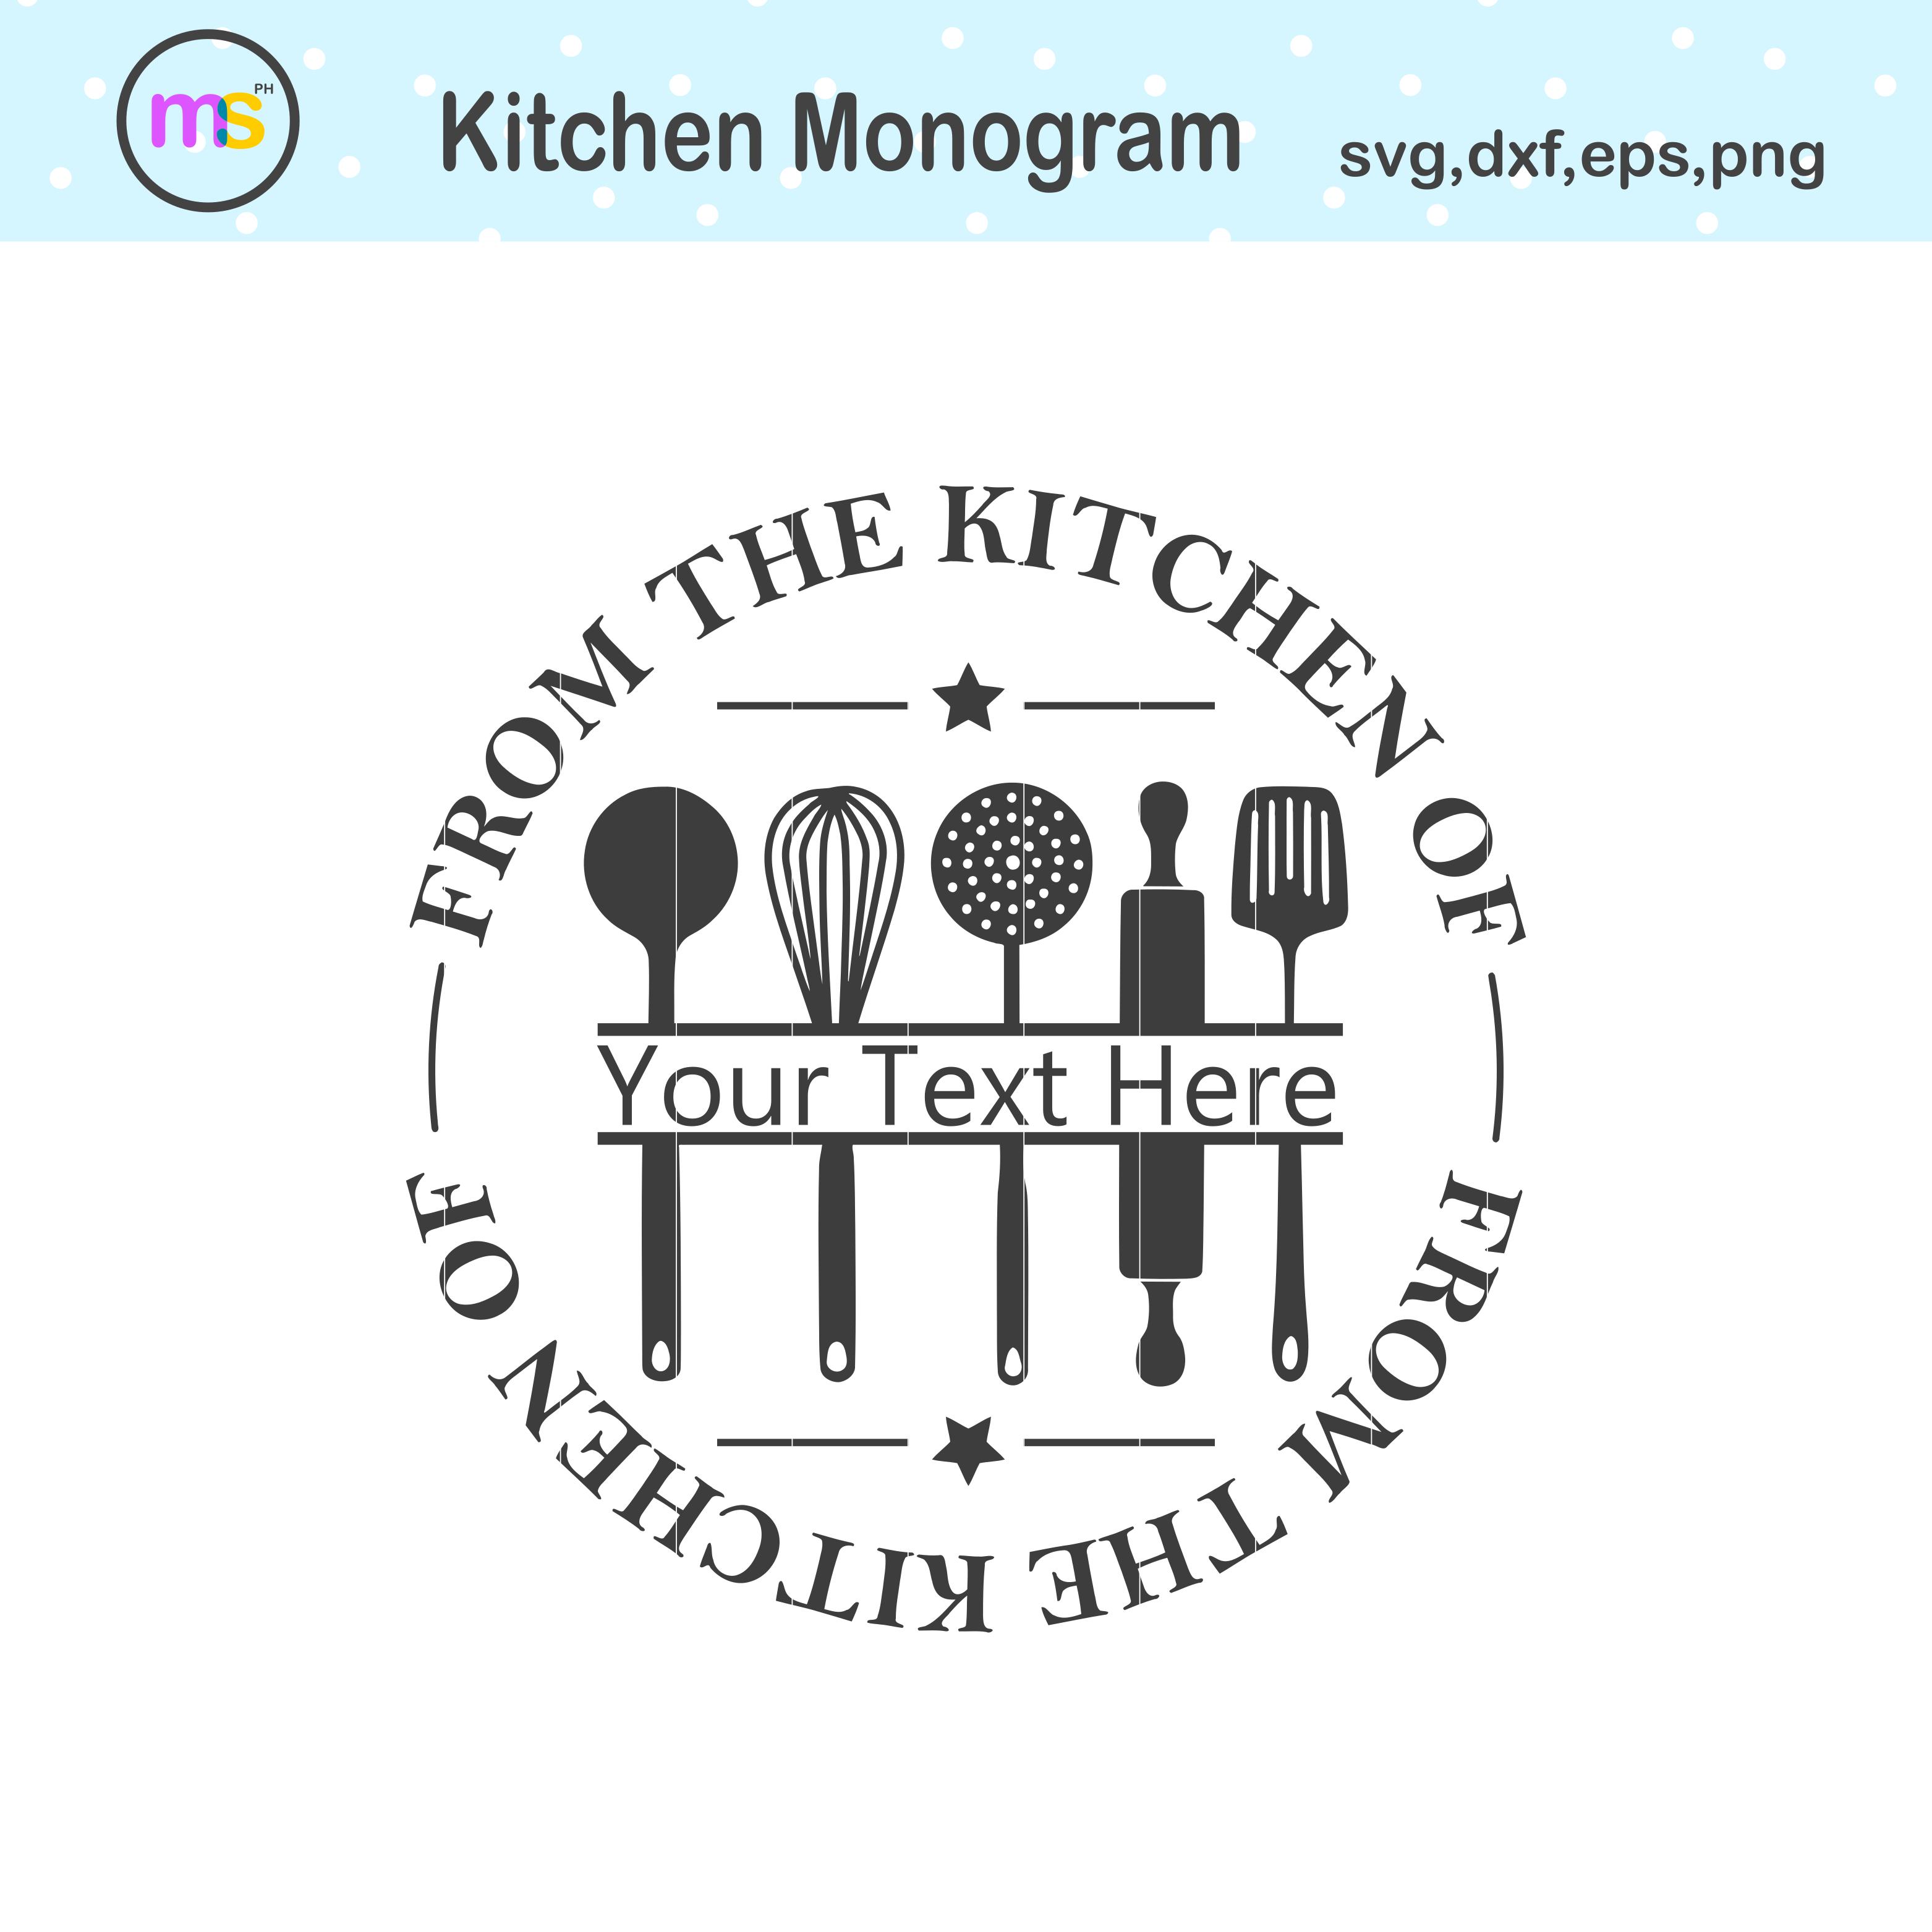 From The Kitchen Monogram Svg Kitchen Svg Kitchen Monogram Crella